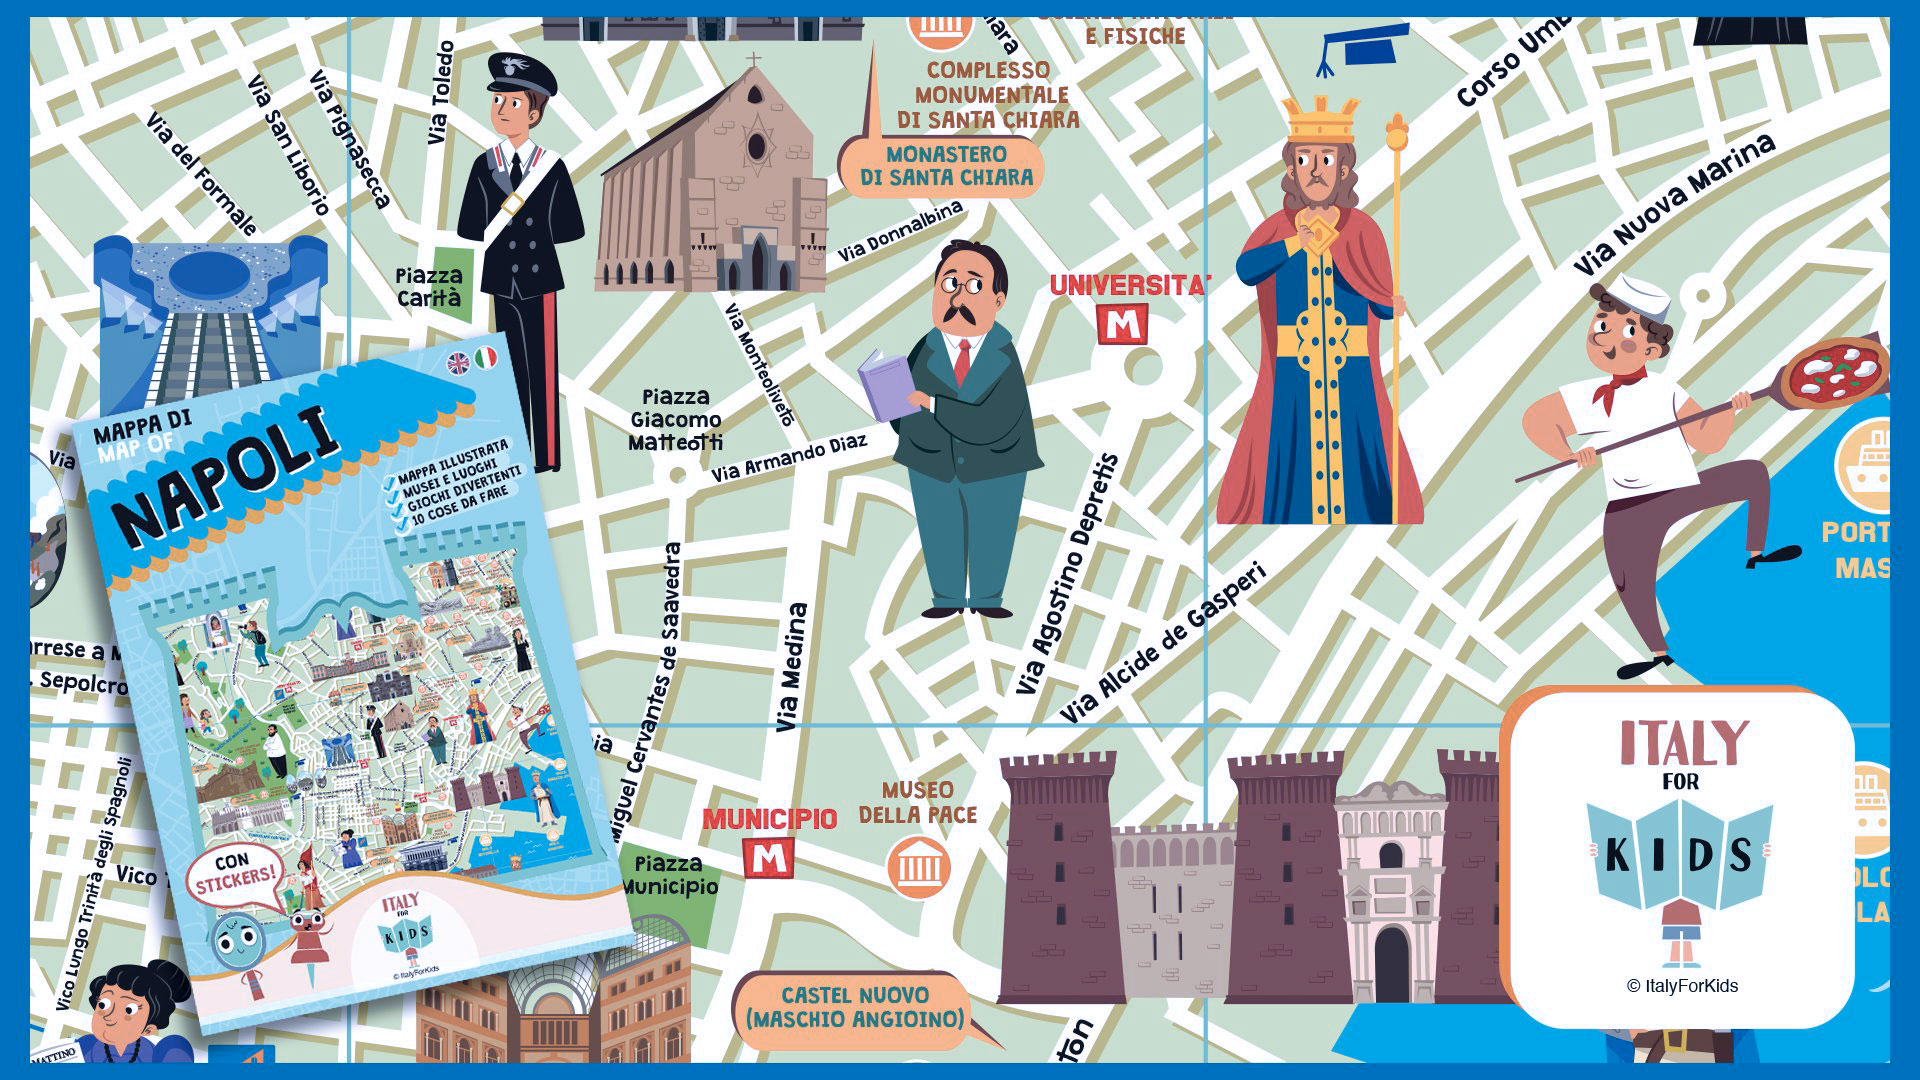 La Cartina Di Napoli.Italy For Kids La Mappa Di Napoli